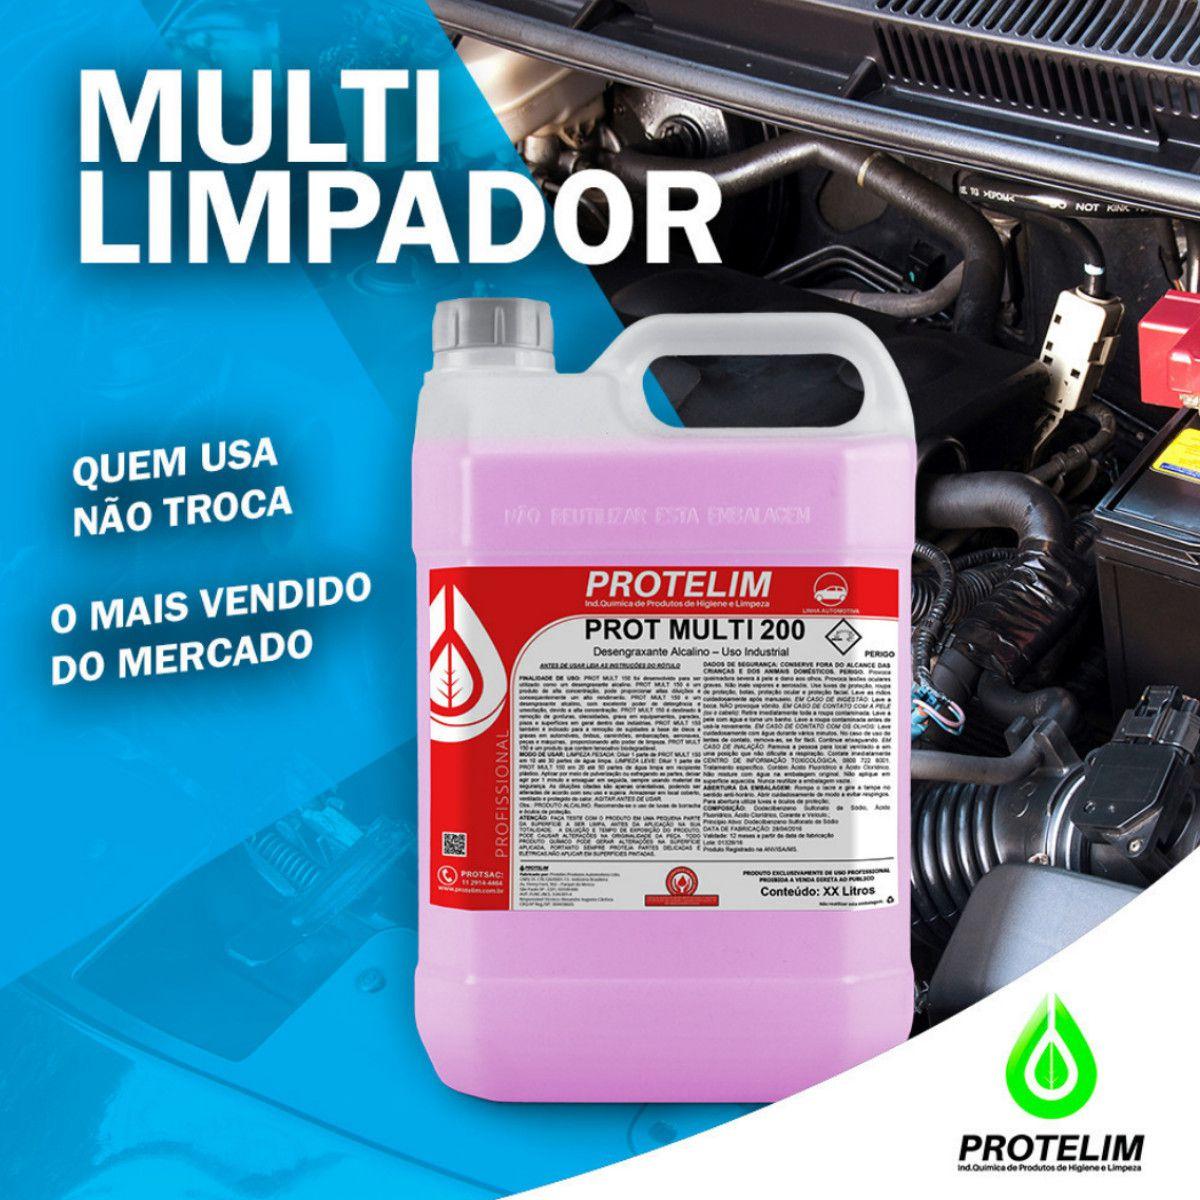 Prot Mult 200 Protelim + Kit De Pinceis Detailer